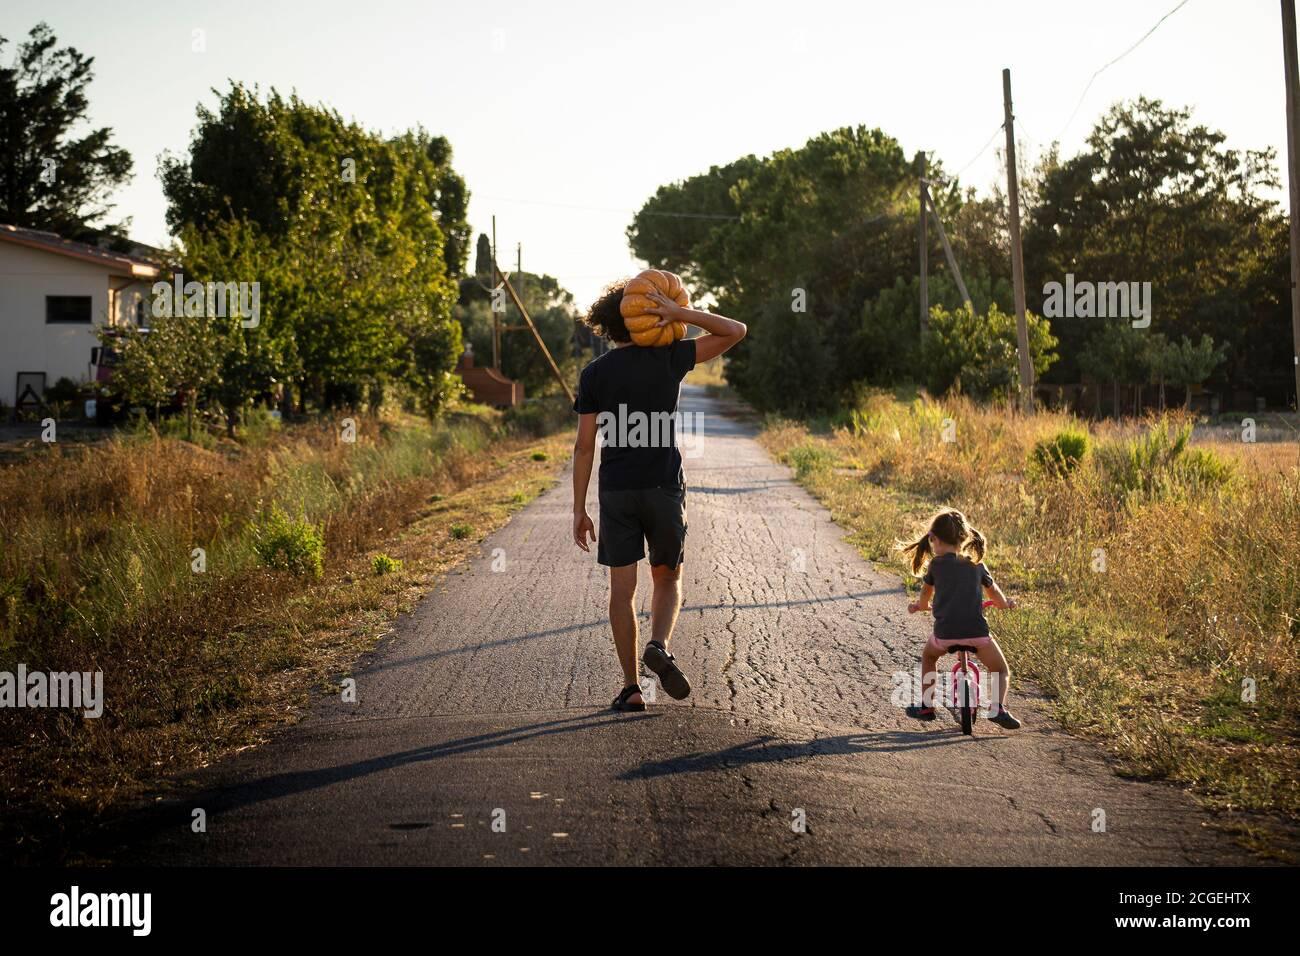 Petite fille, à vélo, avec son jeune père portant une grosse citrouille d'halloween sur une route de campagne au coucher du soleil. Vue arrière. Banque D'Images